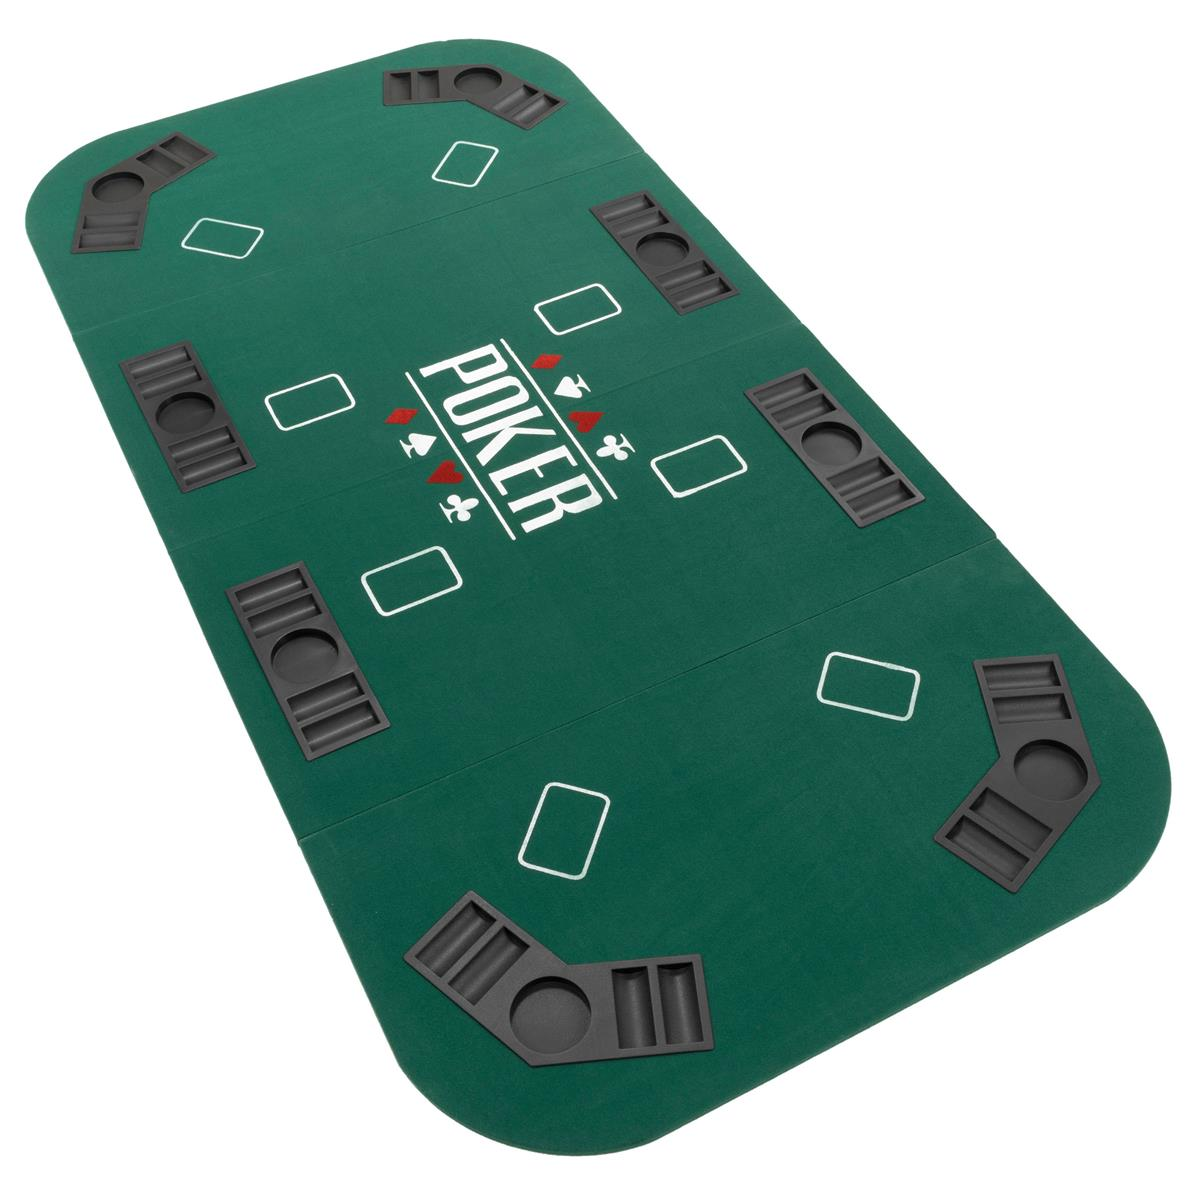 Pokerauflage faltbare Poker-Tischauflage 180 x 90 cm Chiptray und Getränkehalter